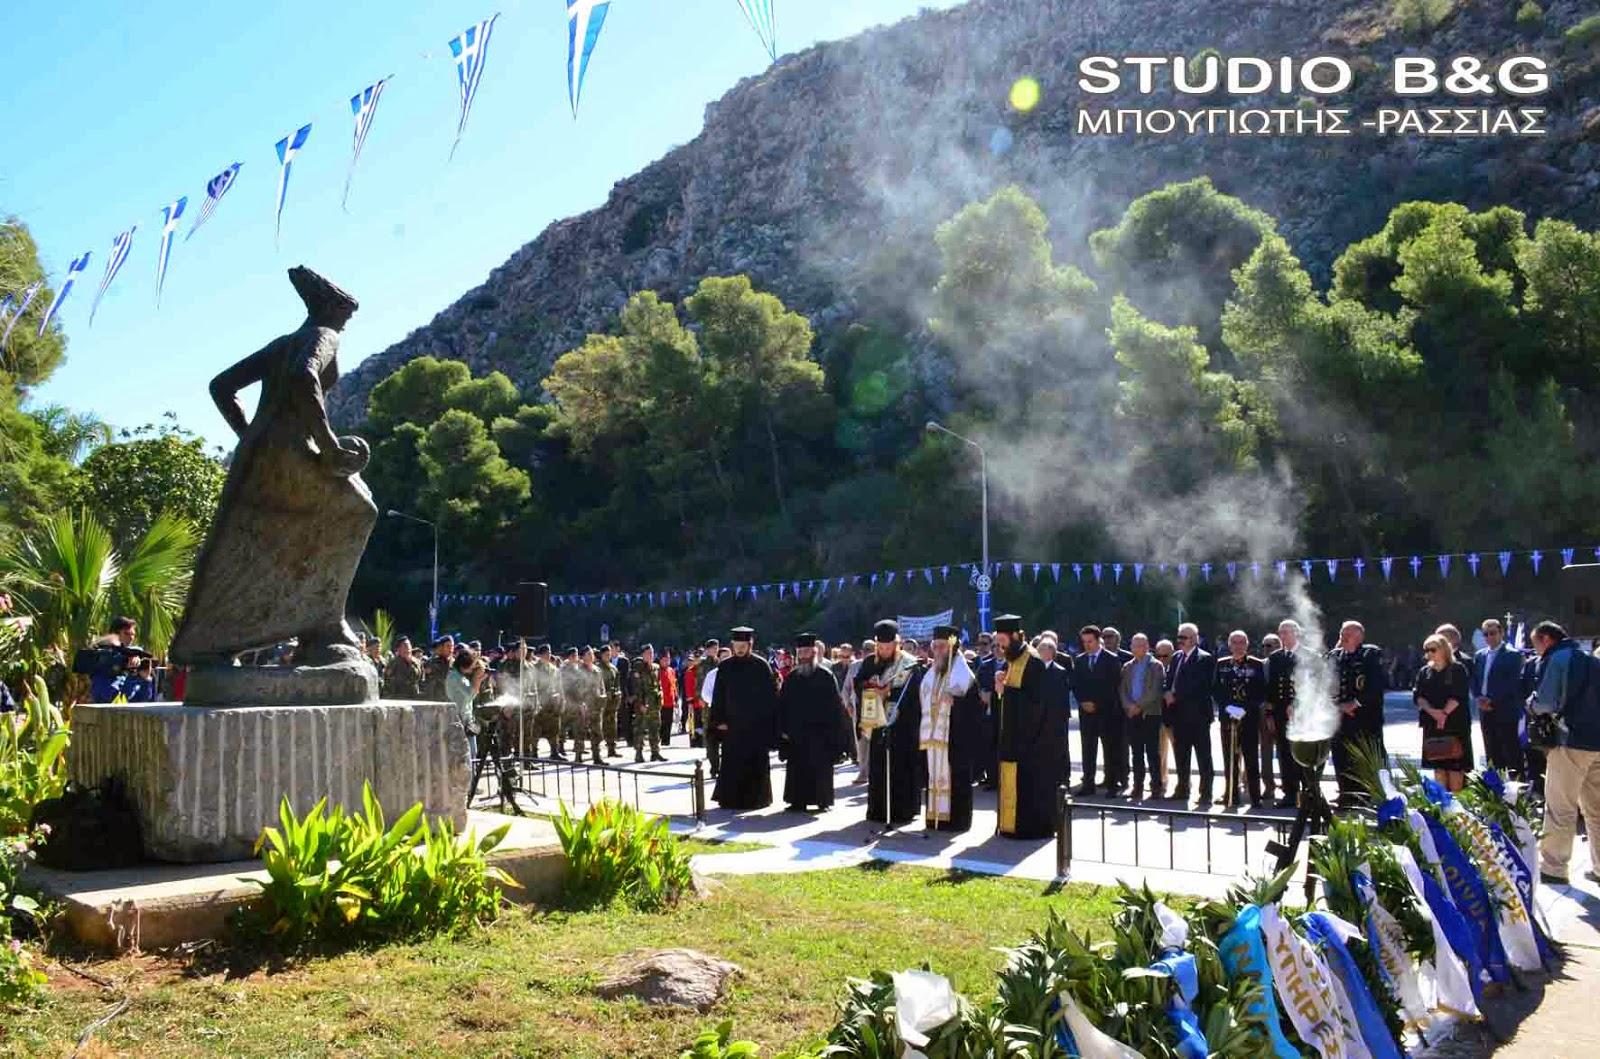 Ναύπλιο: Πρόγραμμα εκδηλώσεων για την επέτειο της 28ης Οκτωβρίου